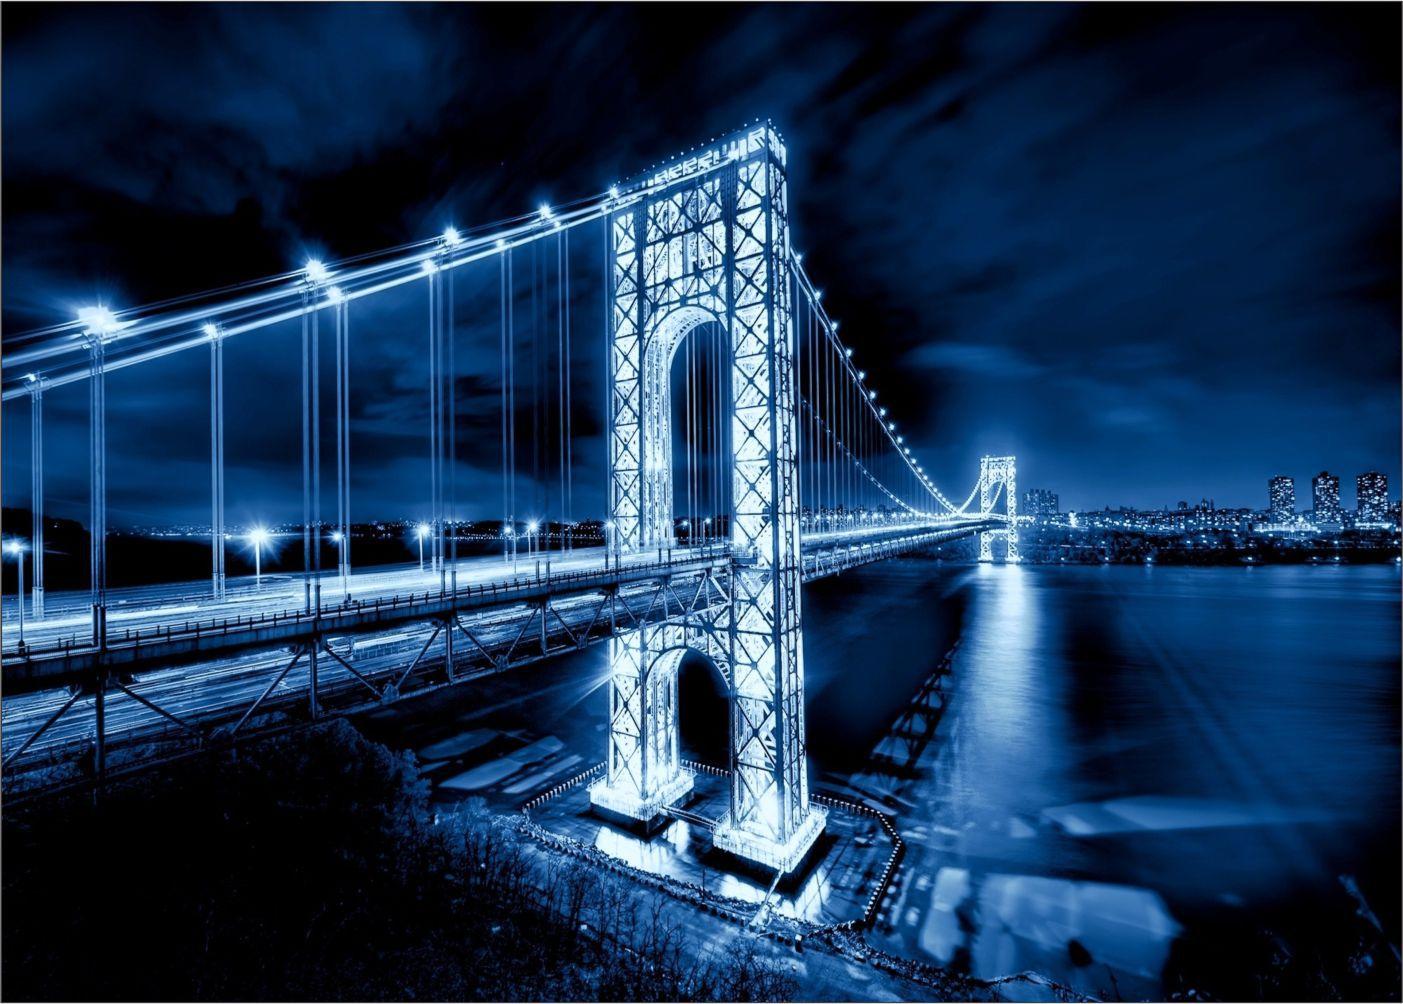 Papel De Parede 3D Pontes 0009 - papel de parede paisagem   - Paredes Decoradas